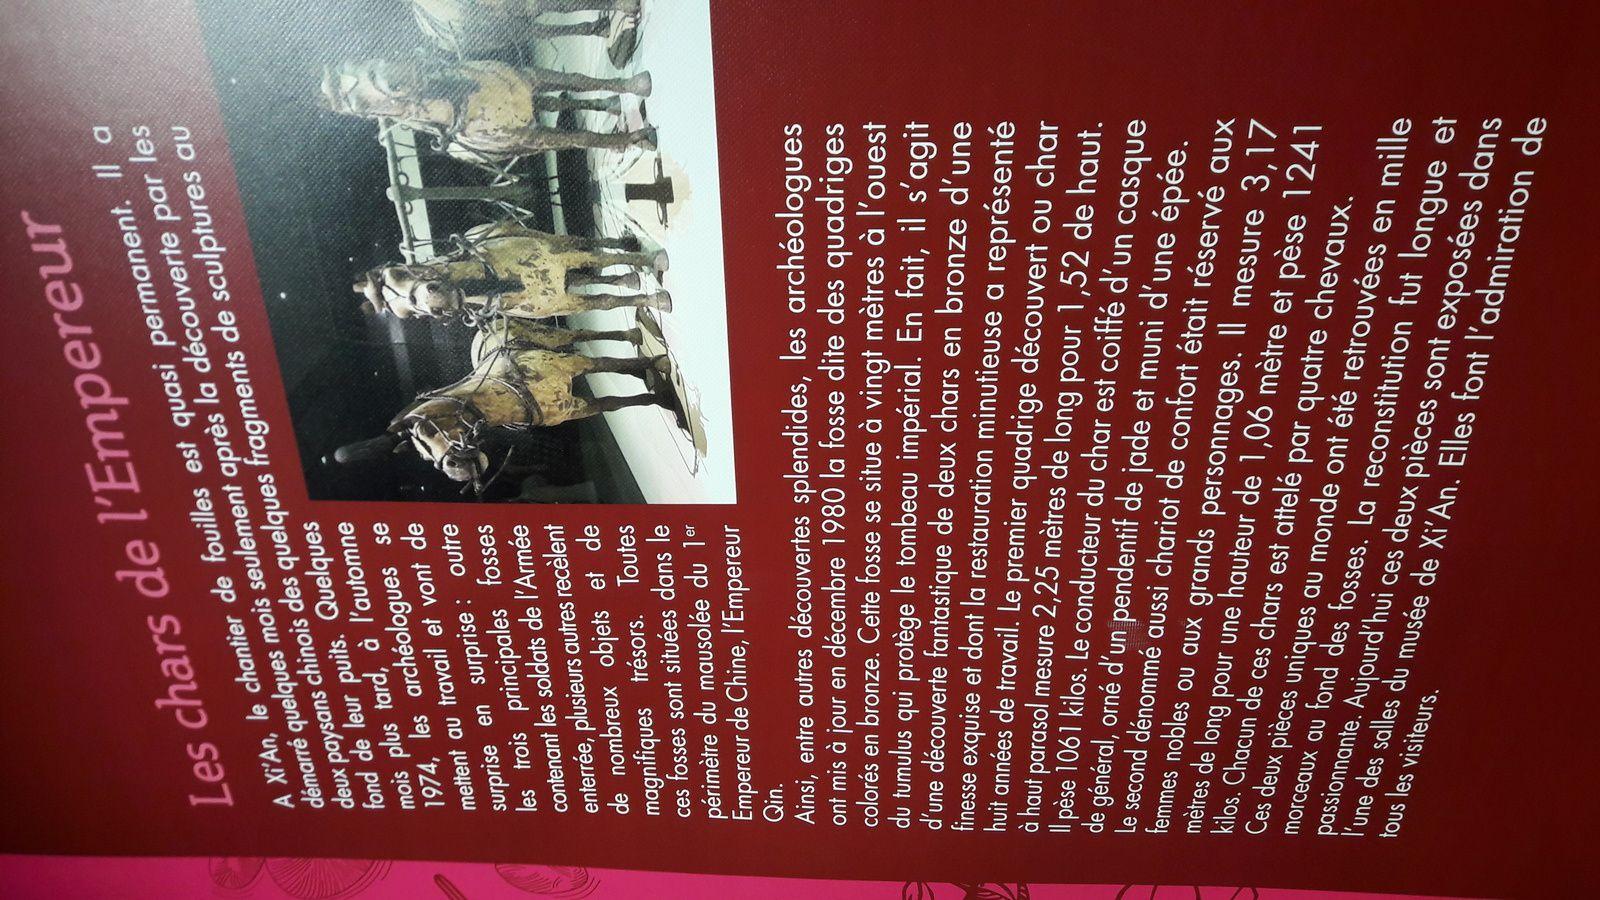 XI'AN, l'empereur Qin Shi Huangdi et l'armée de terre cuite